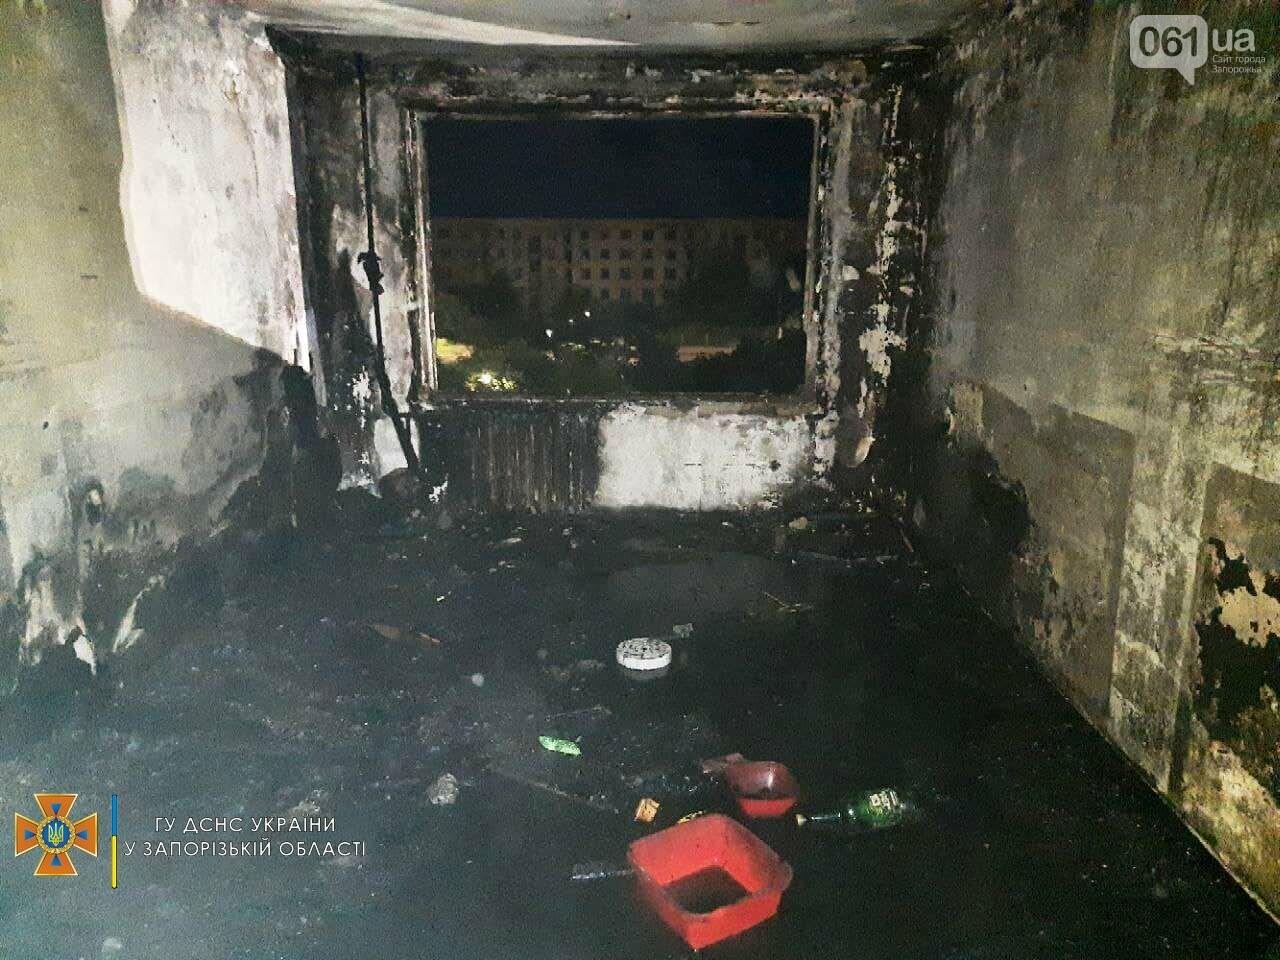 photo2021 07 1212 17 06result 60ec25a86a9eb - В Энергодаре эвакуировали жильцов многоэтажки из-за пожара, - ФОТО